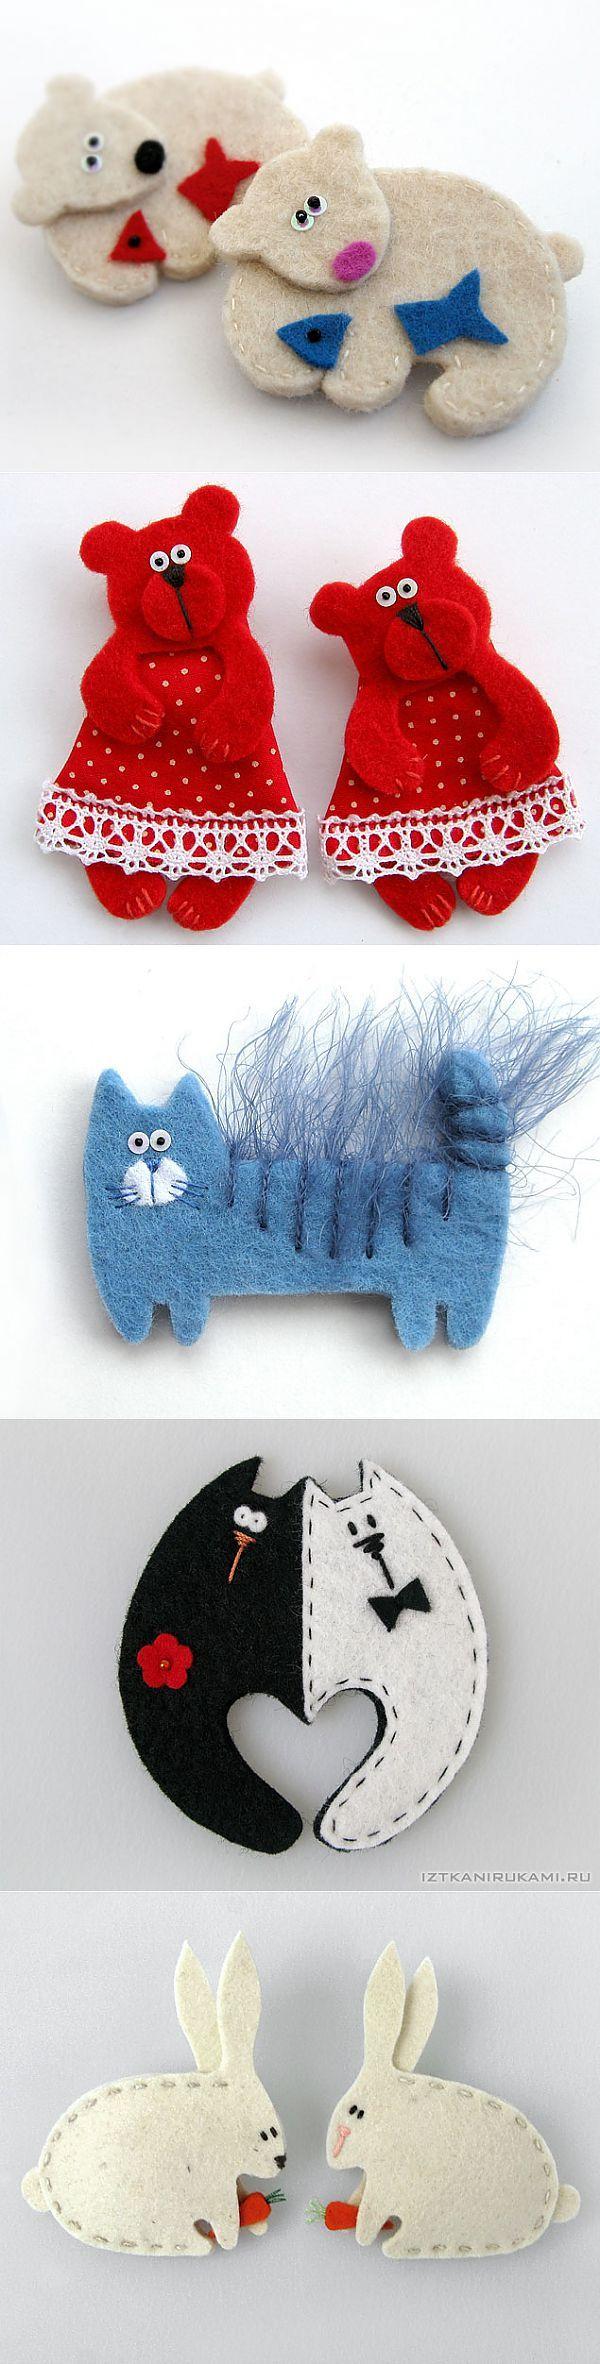 Красивые игрушки из фетра. | фетр | Постила